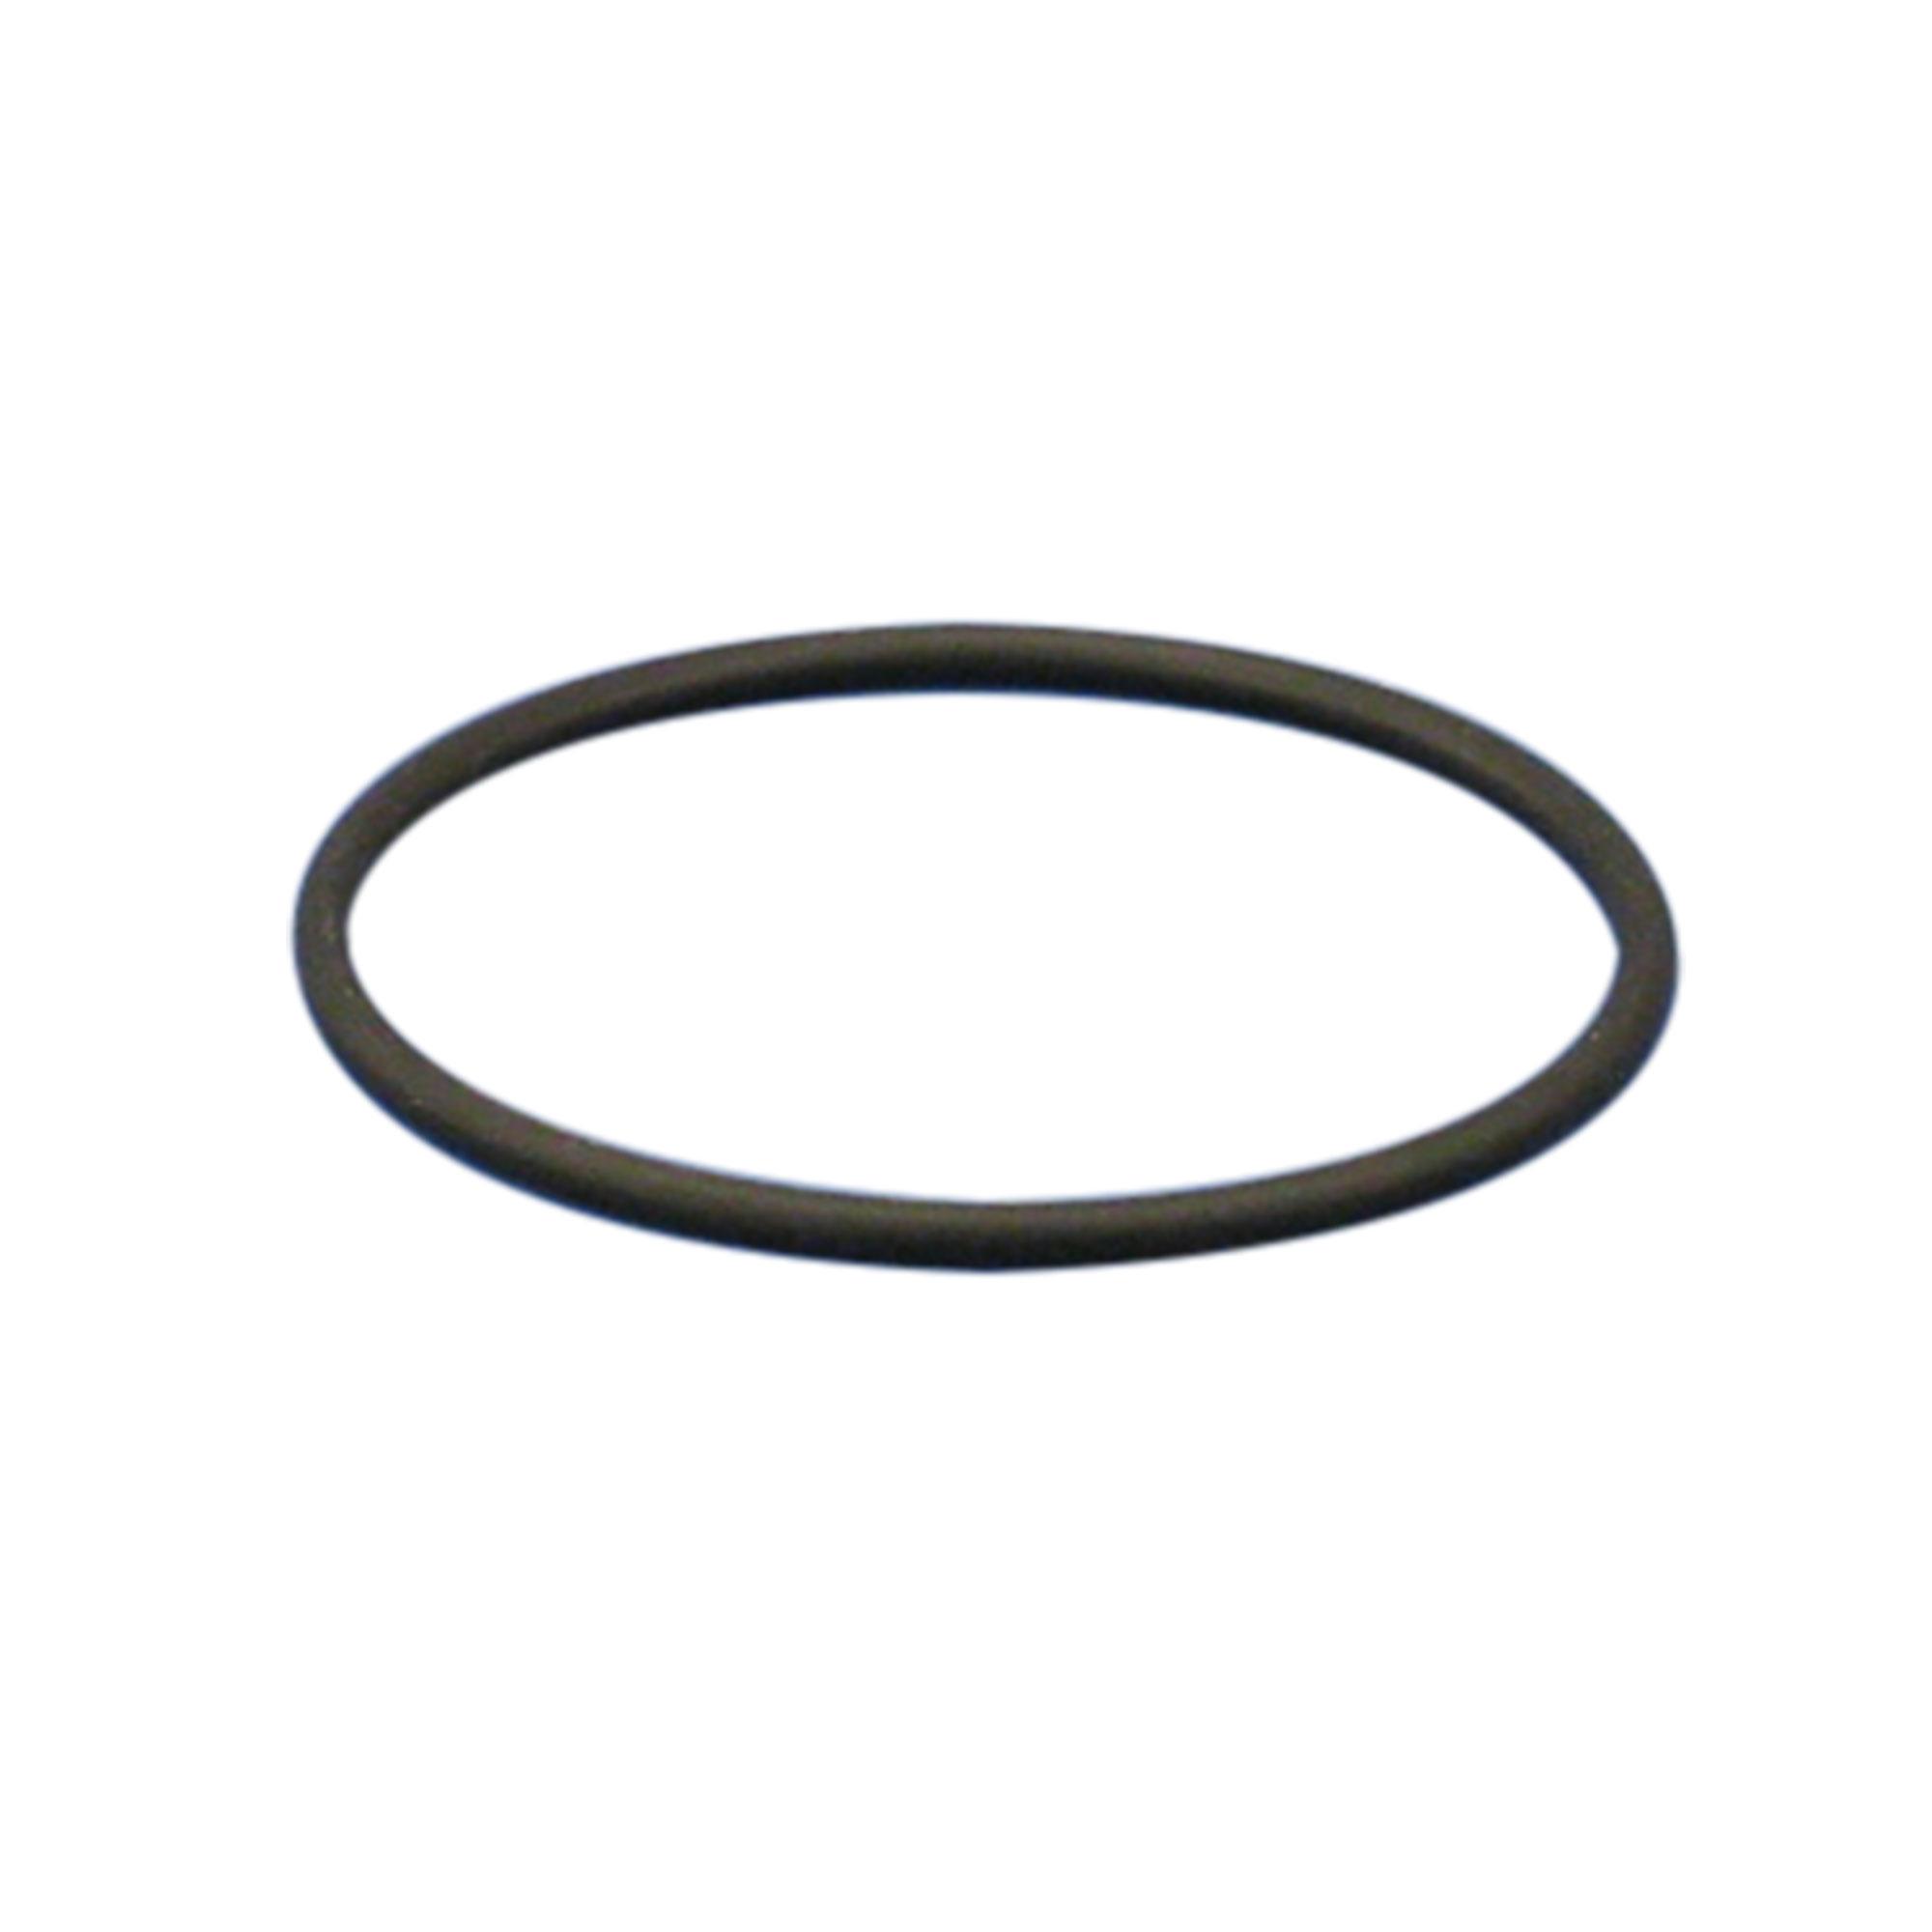 O形圈布流φ86用G - 95 |柴田科技有限公司-环境检测设备、科学仪器的制造销售